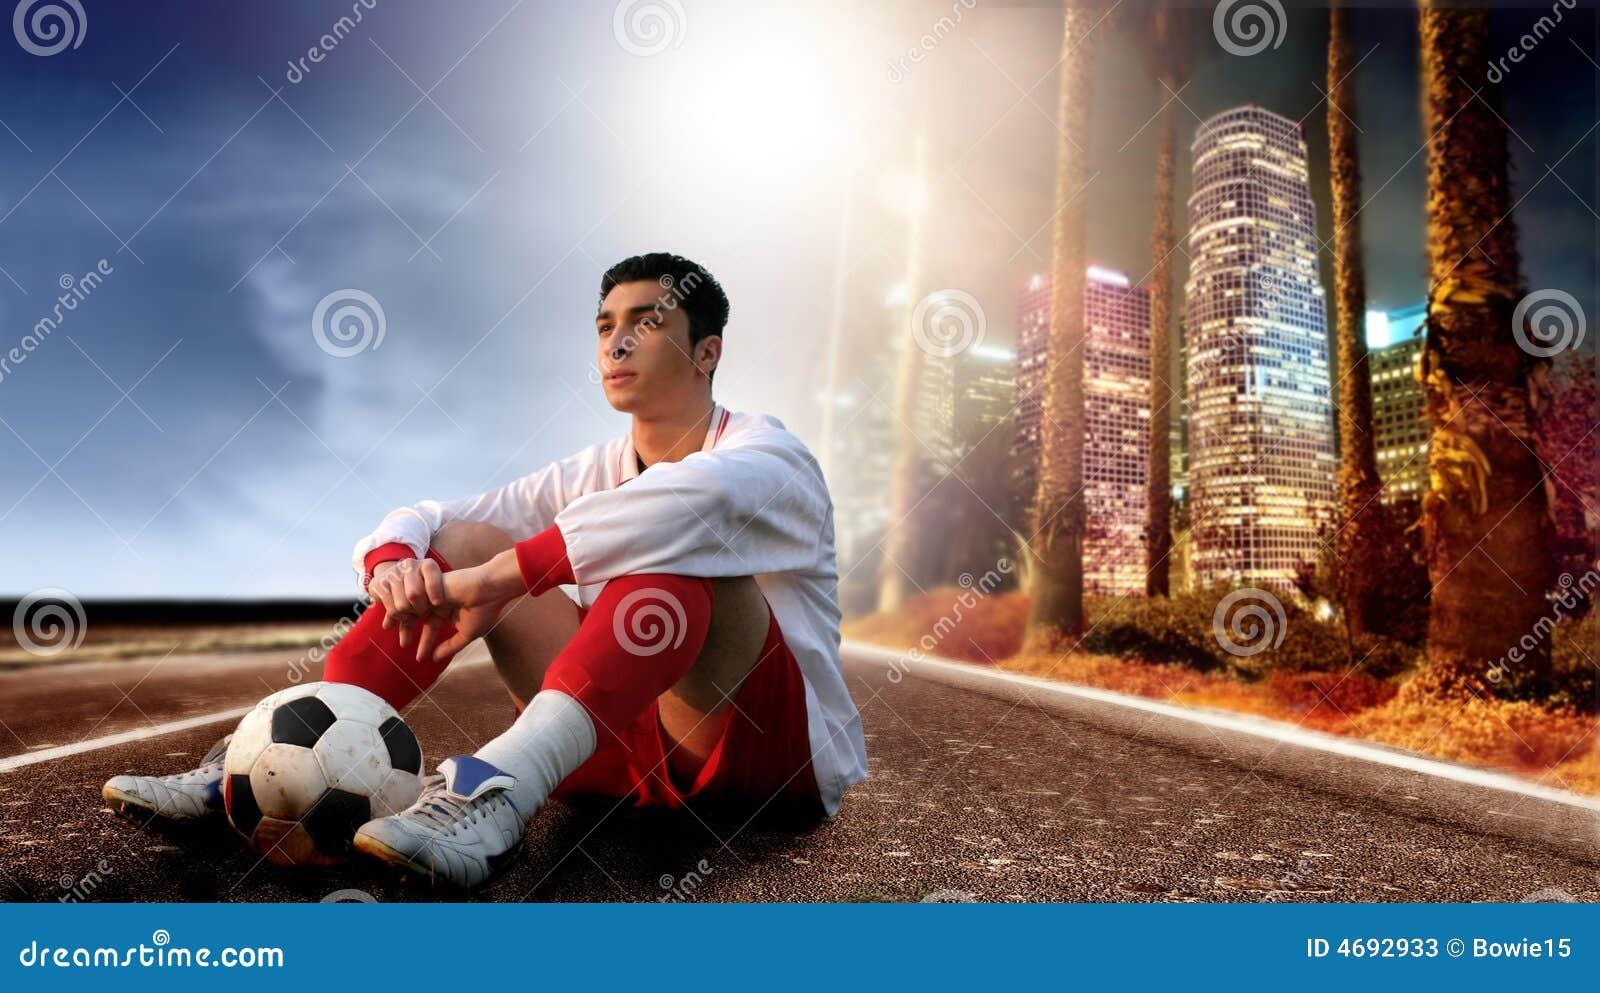 Voetballer in de stad